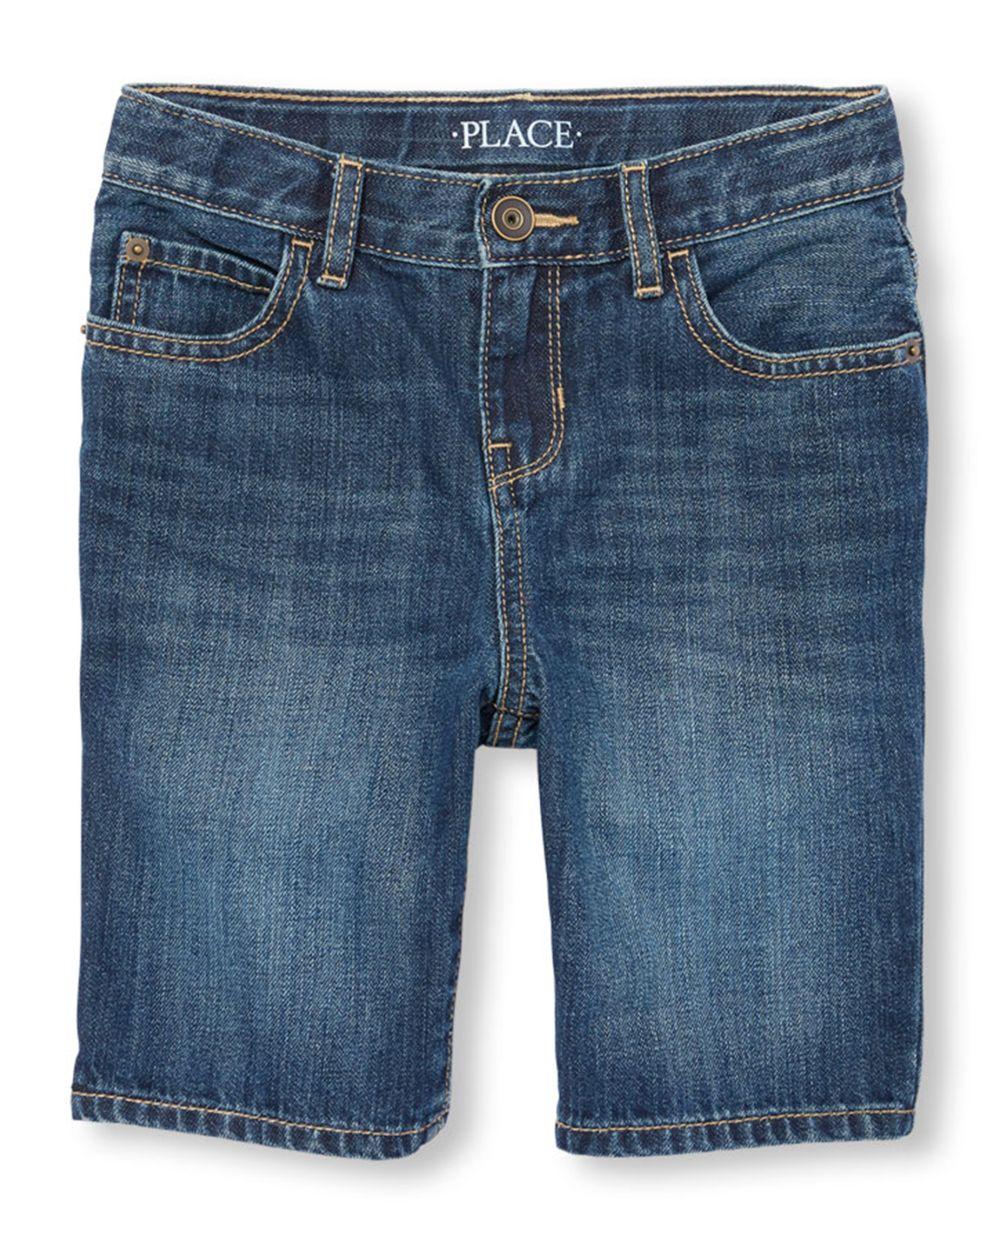 Shorts de mezclilla para niños